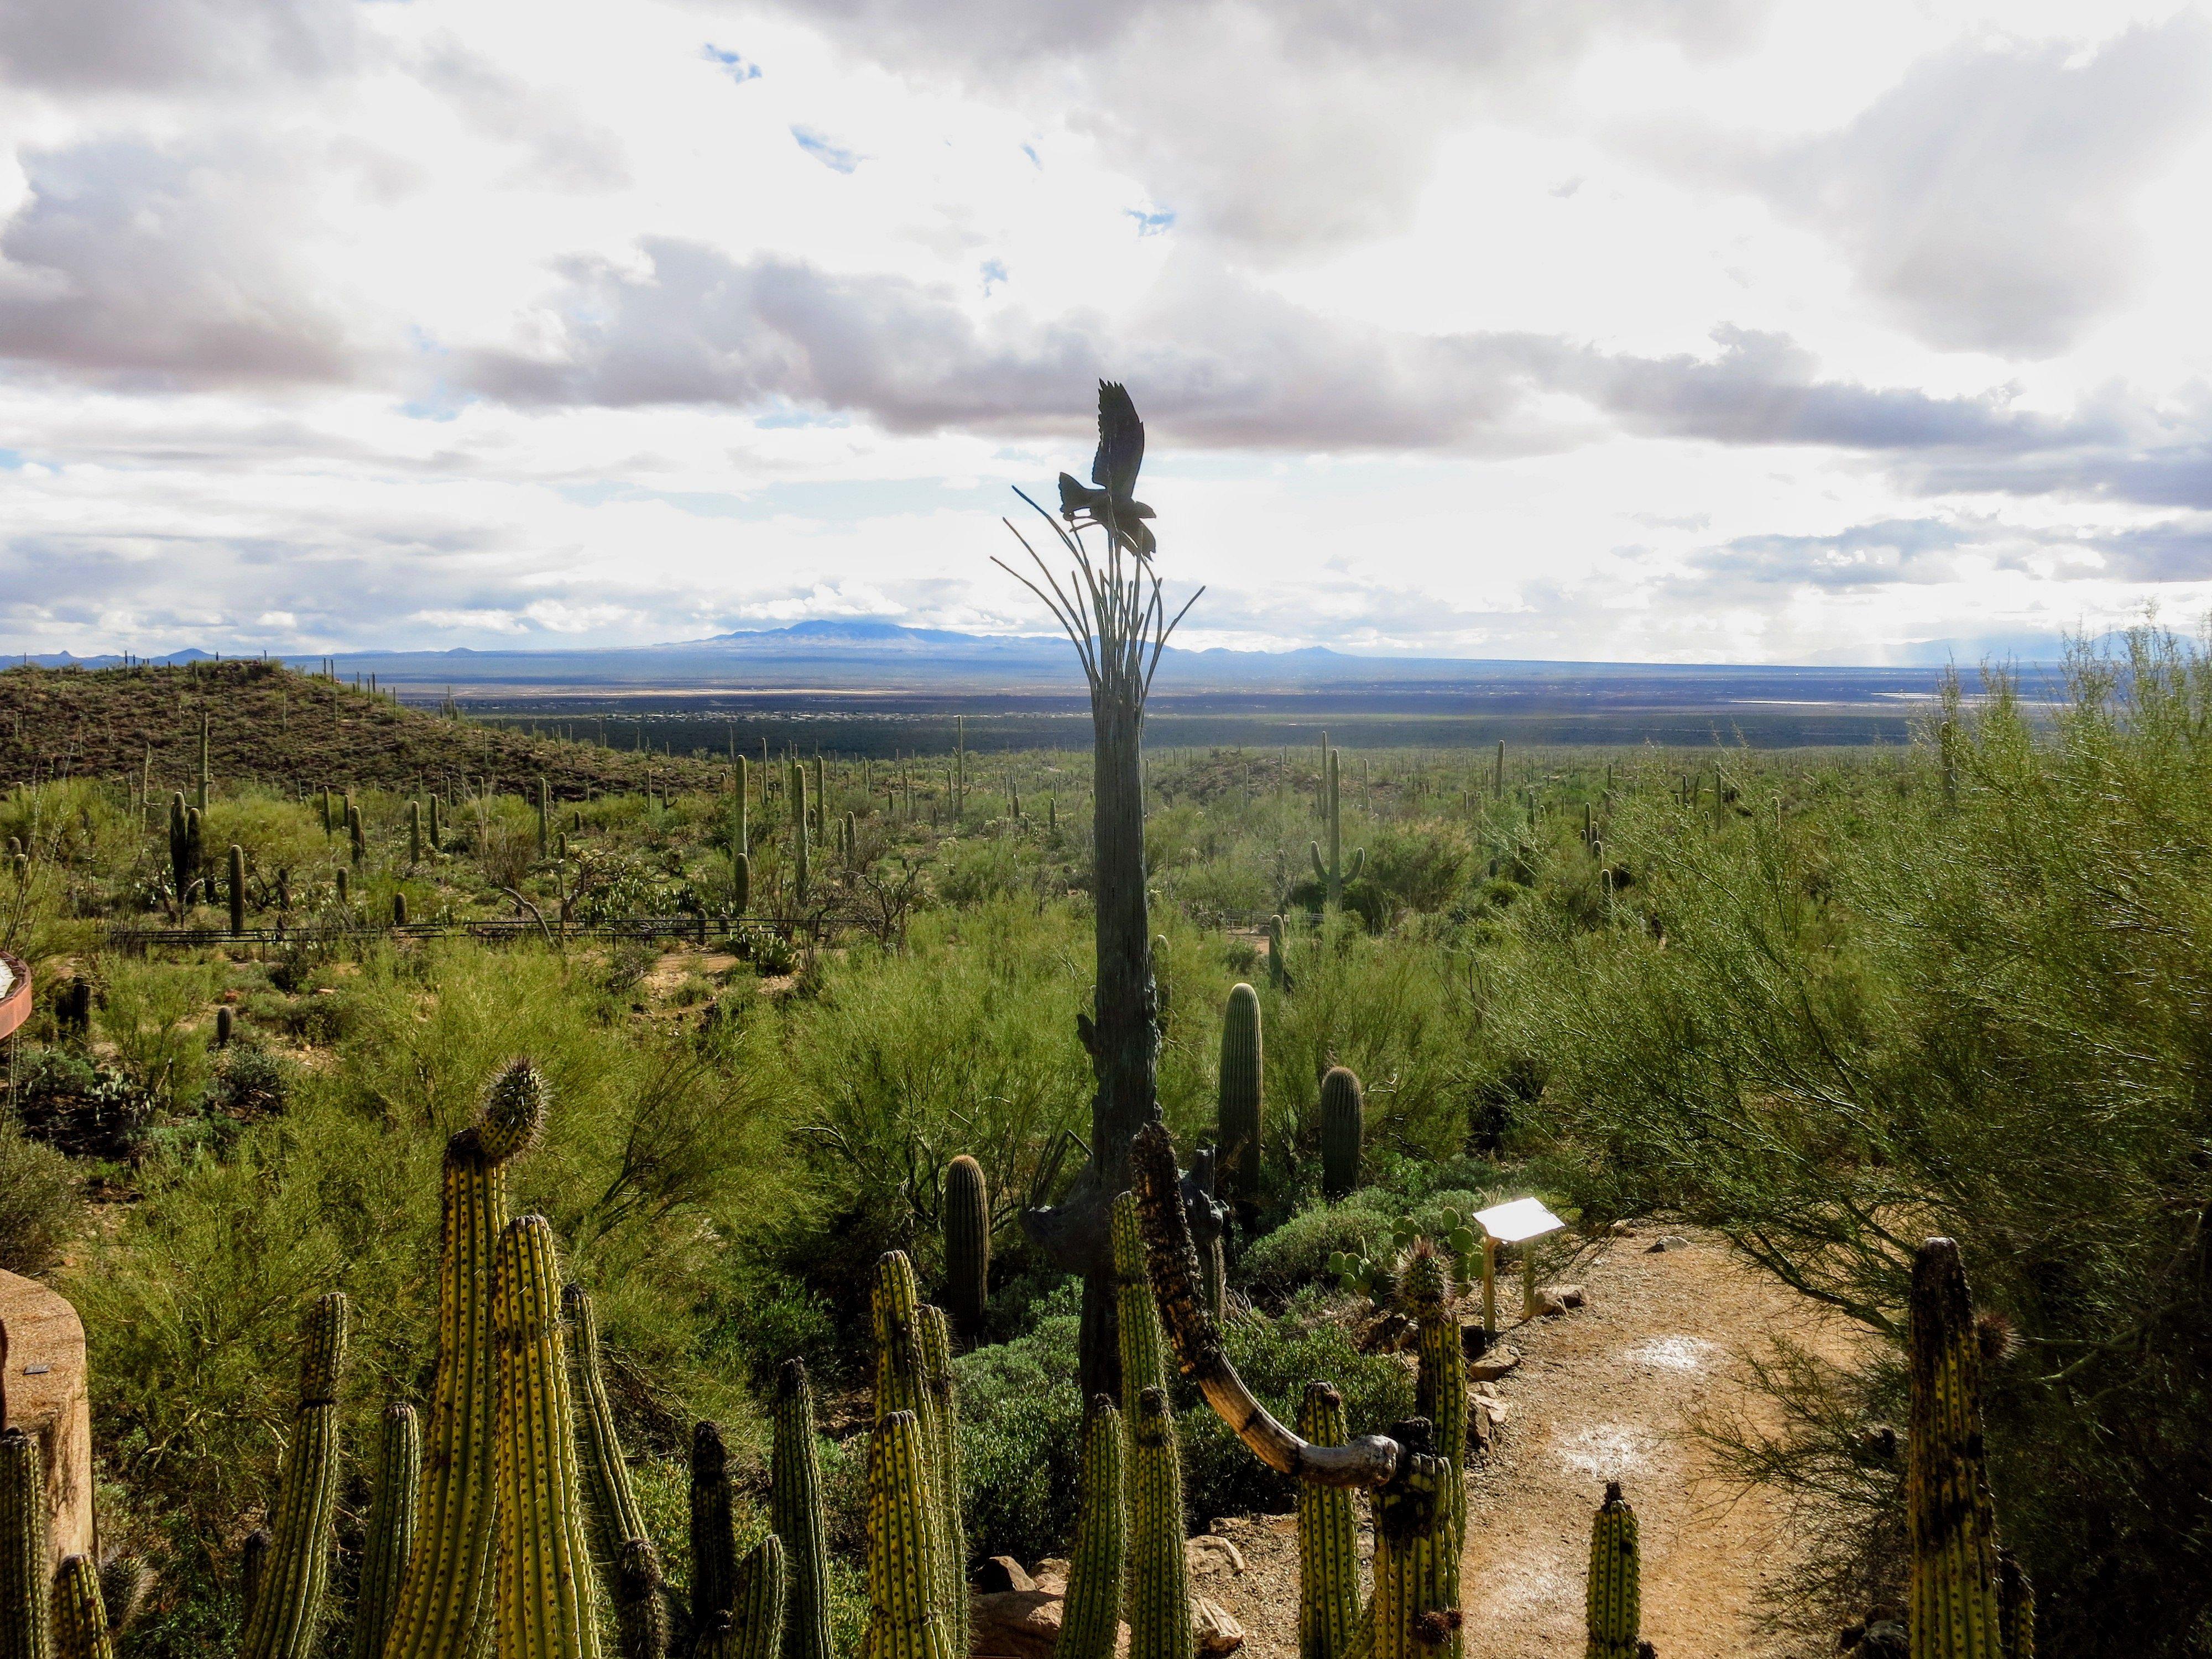 Flying Bird at Sonora Arizona Desert Museum